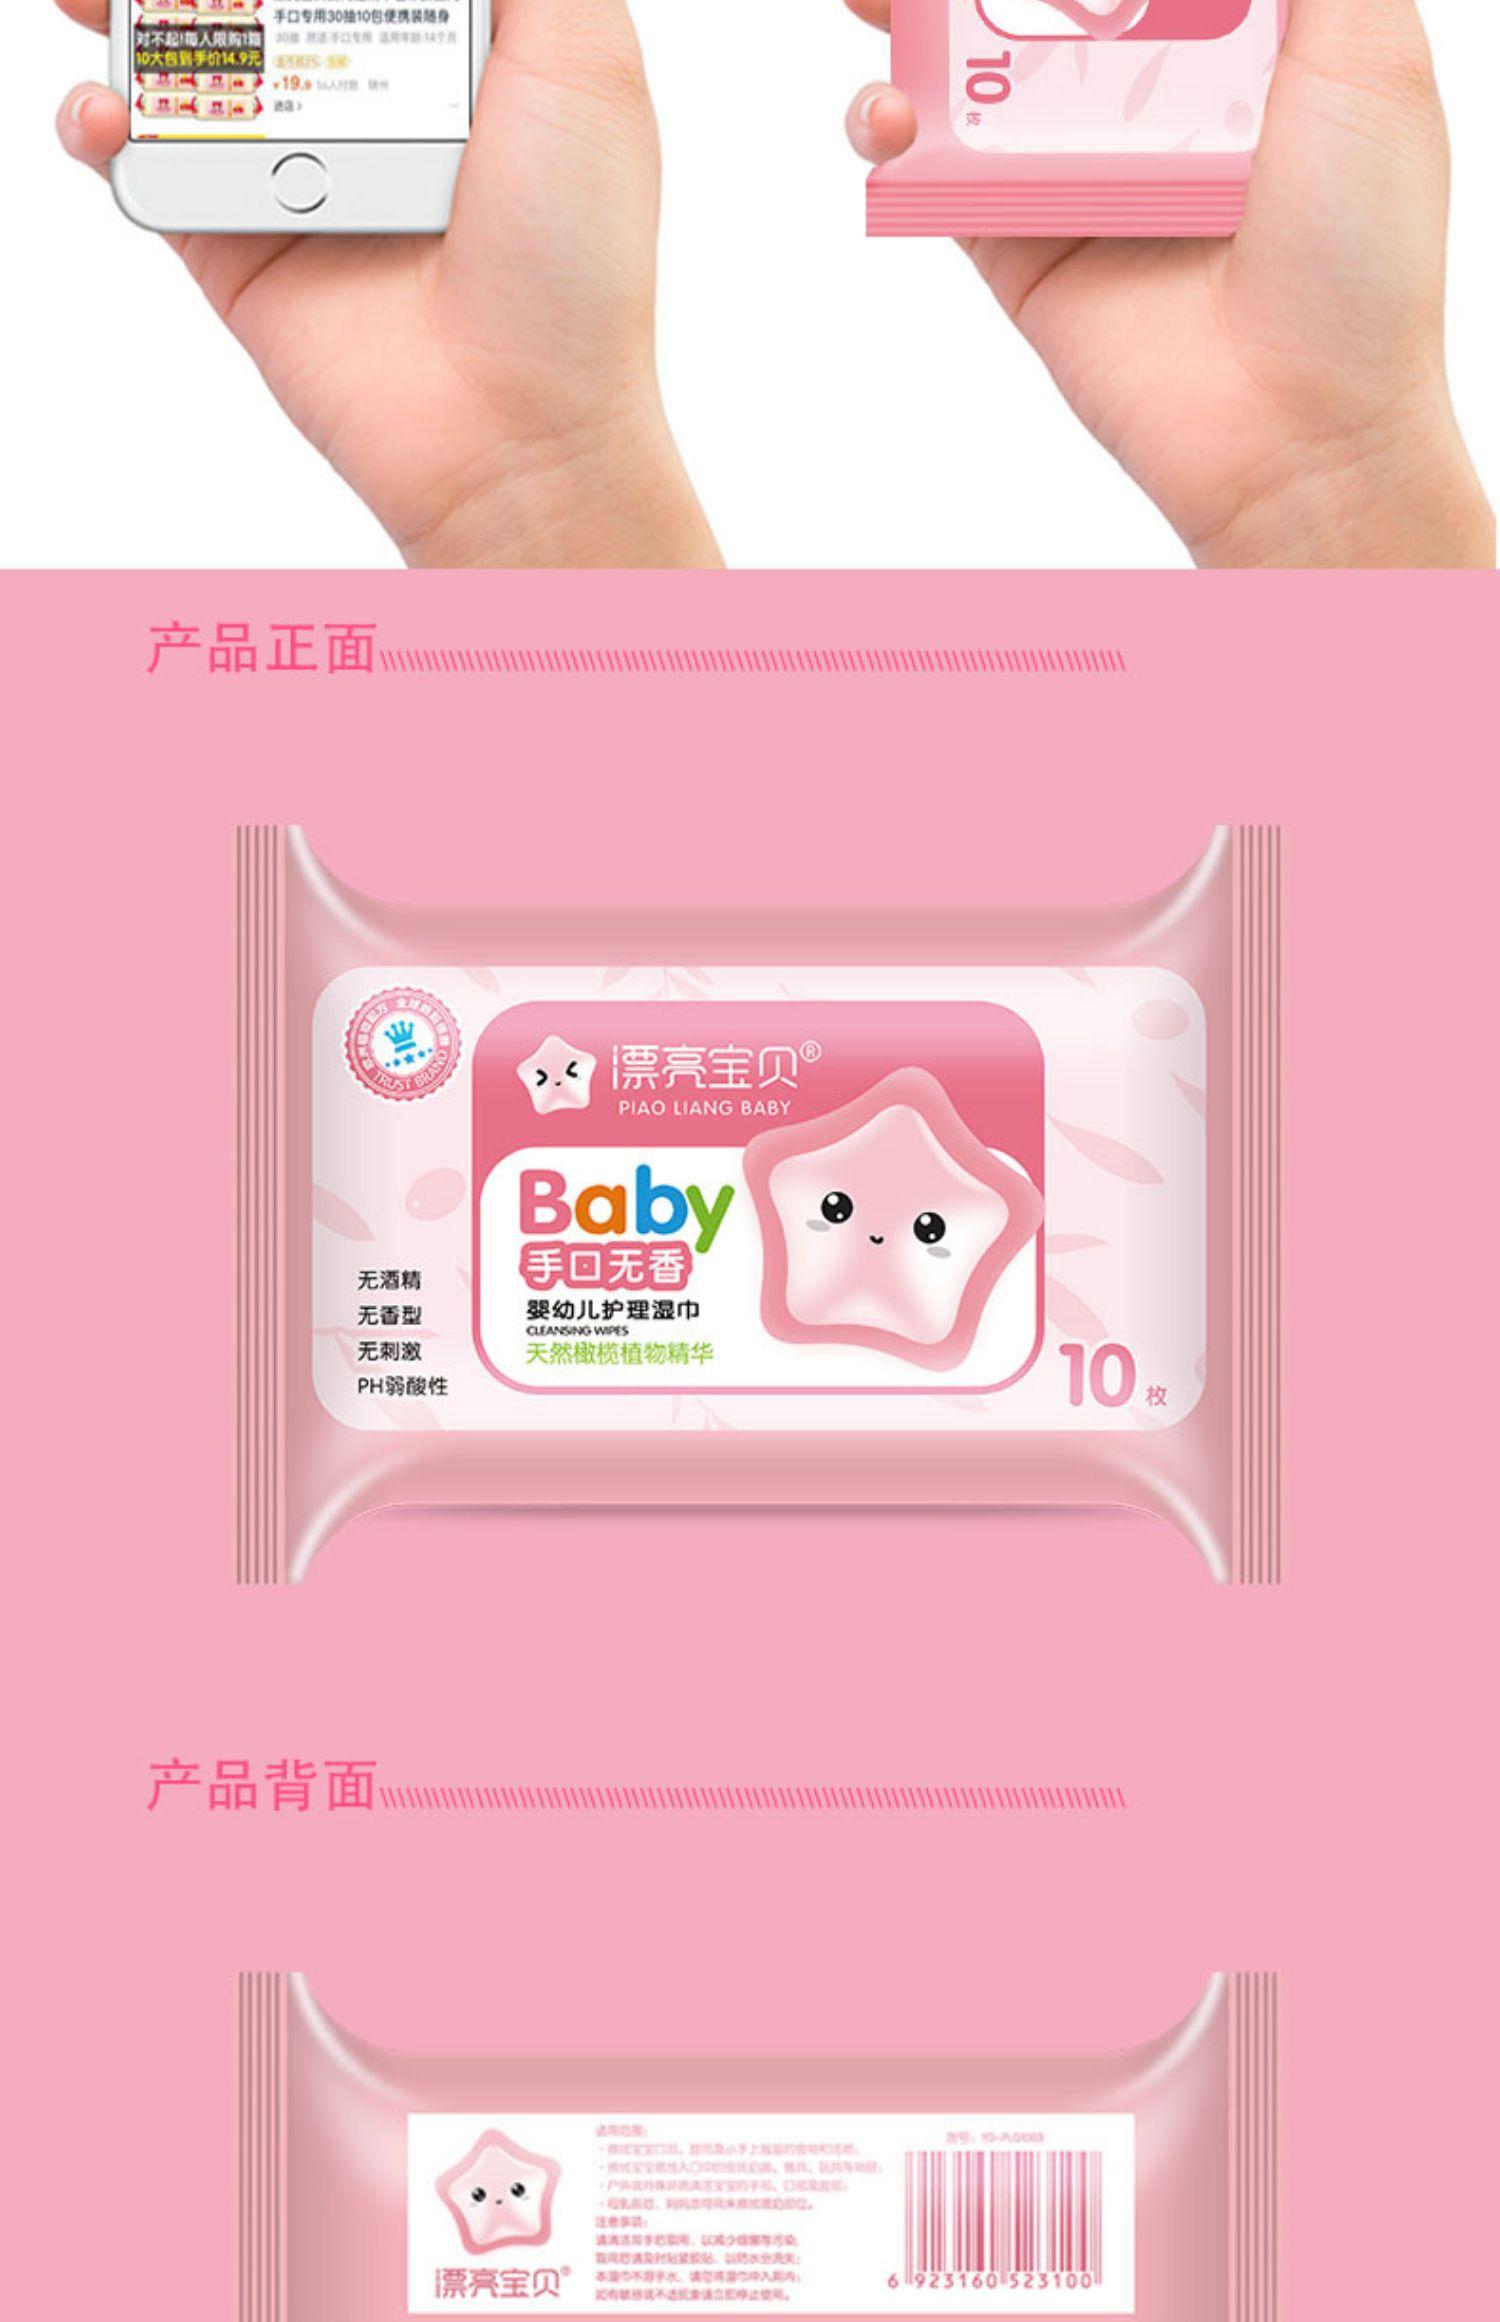 漂亮宝贝【婴儿手口湿巾】30包*10抽